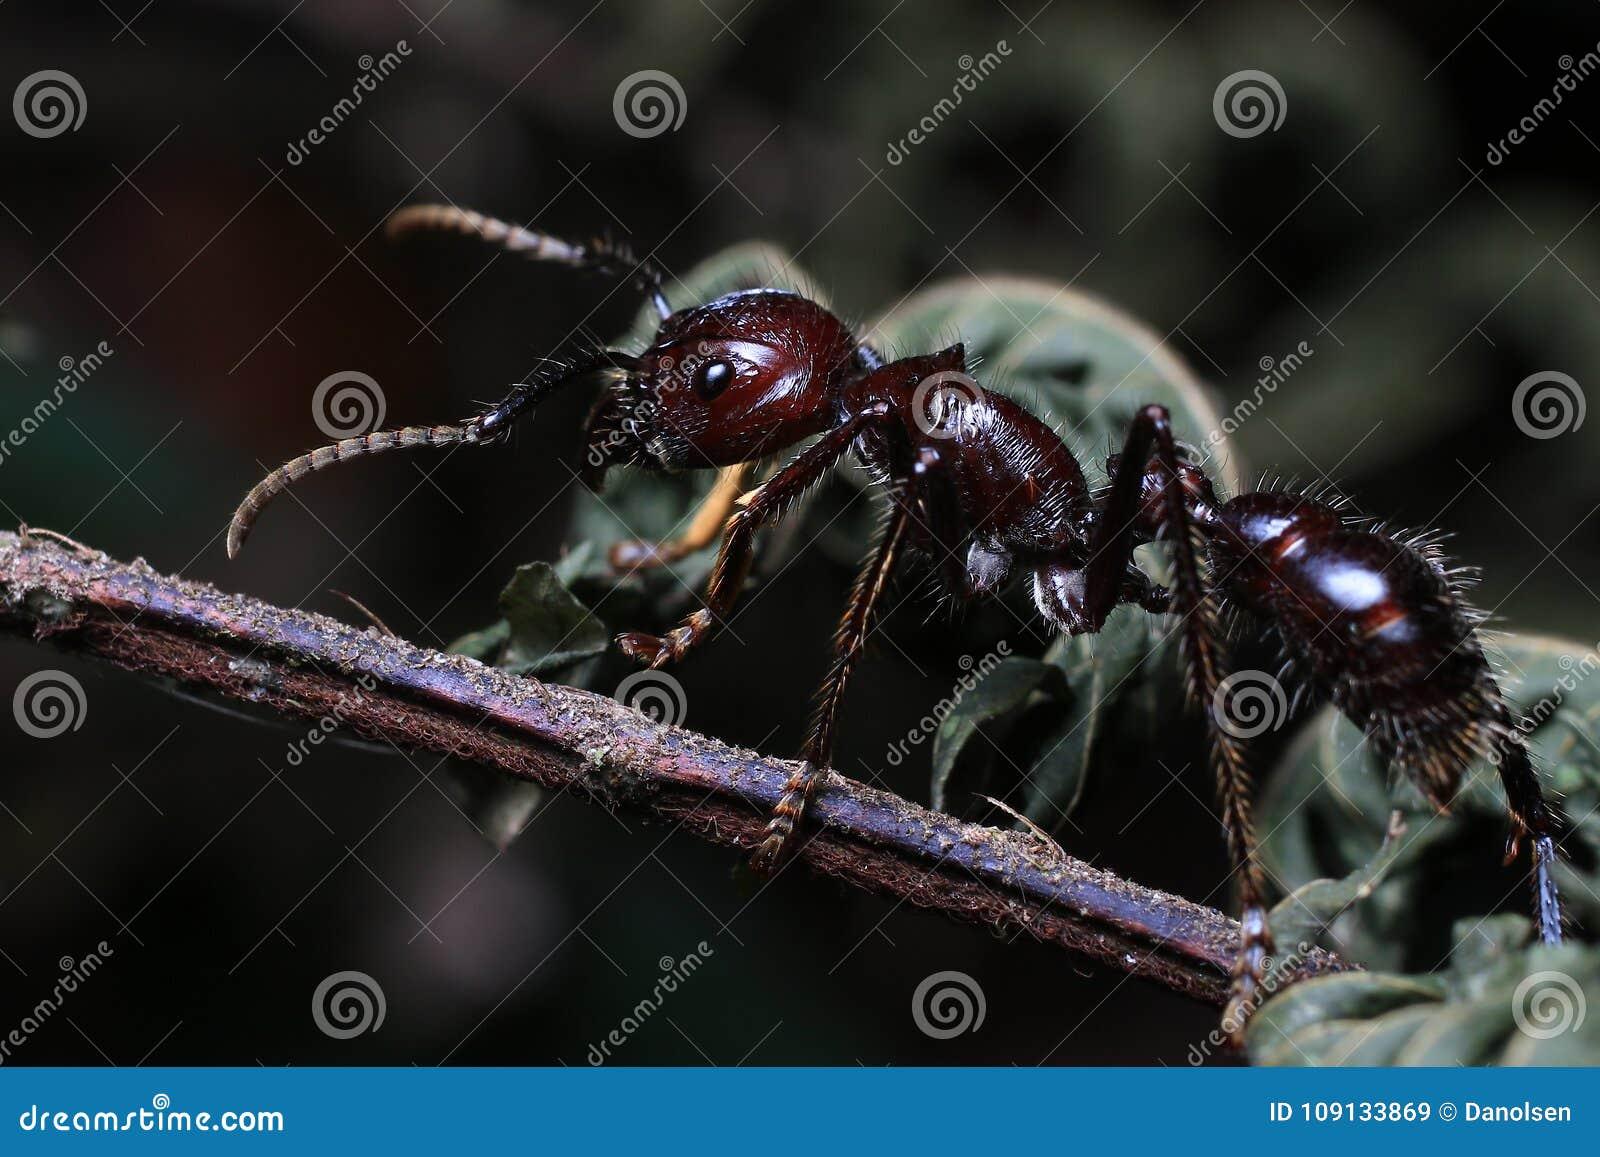 Kugel-Ameise, wirkliches Mörderinsekt mit extrem starkem Stich